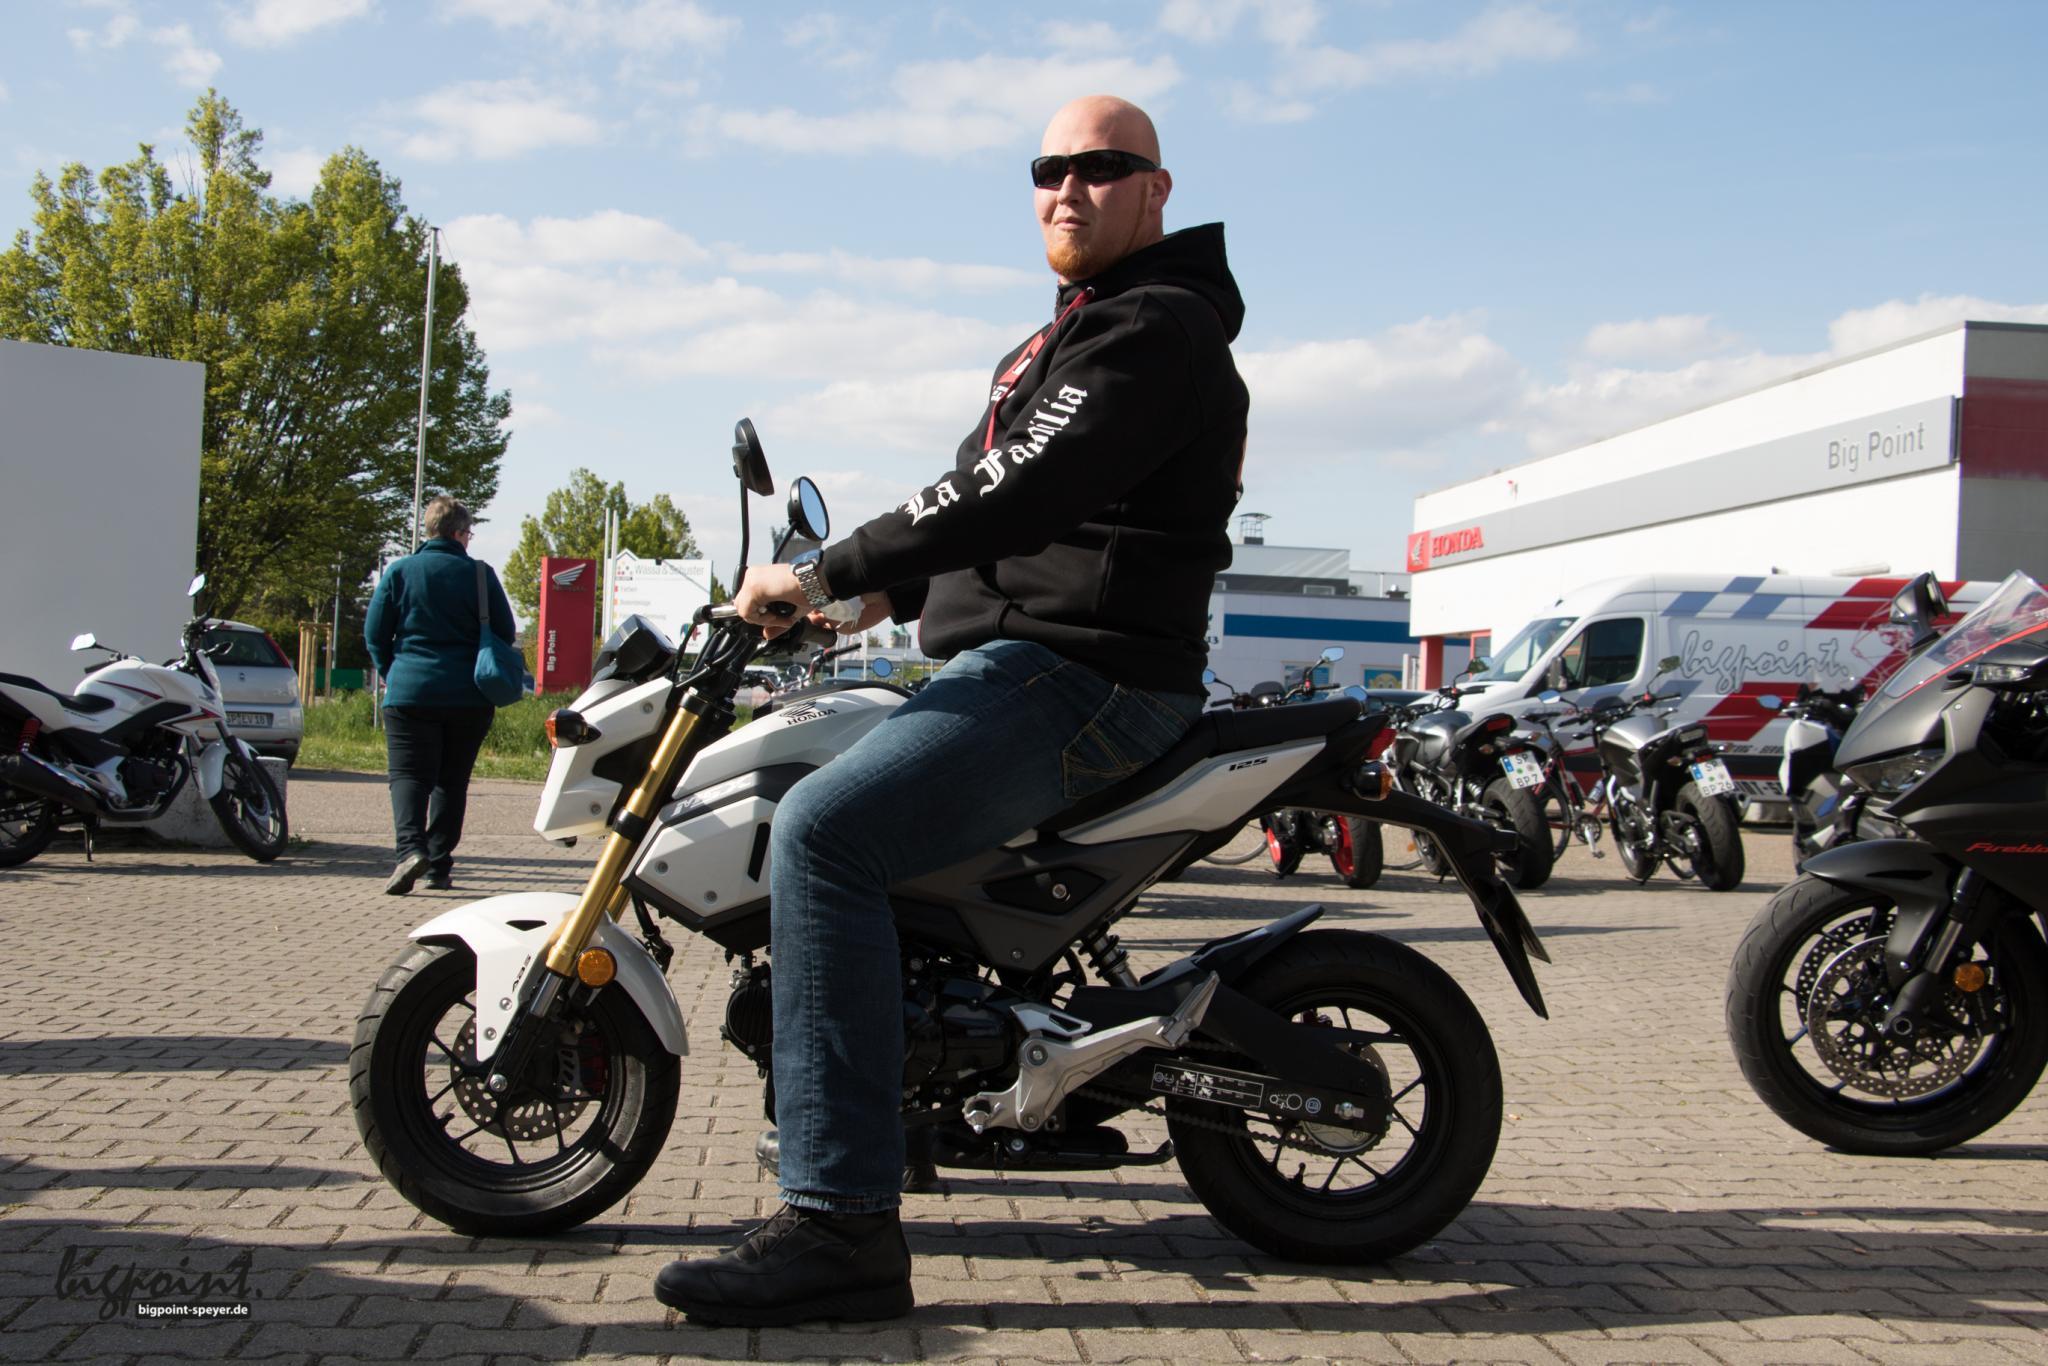 Unternehmensbilder Big Point Motorradhandels GmbH & CO. KG 31